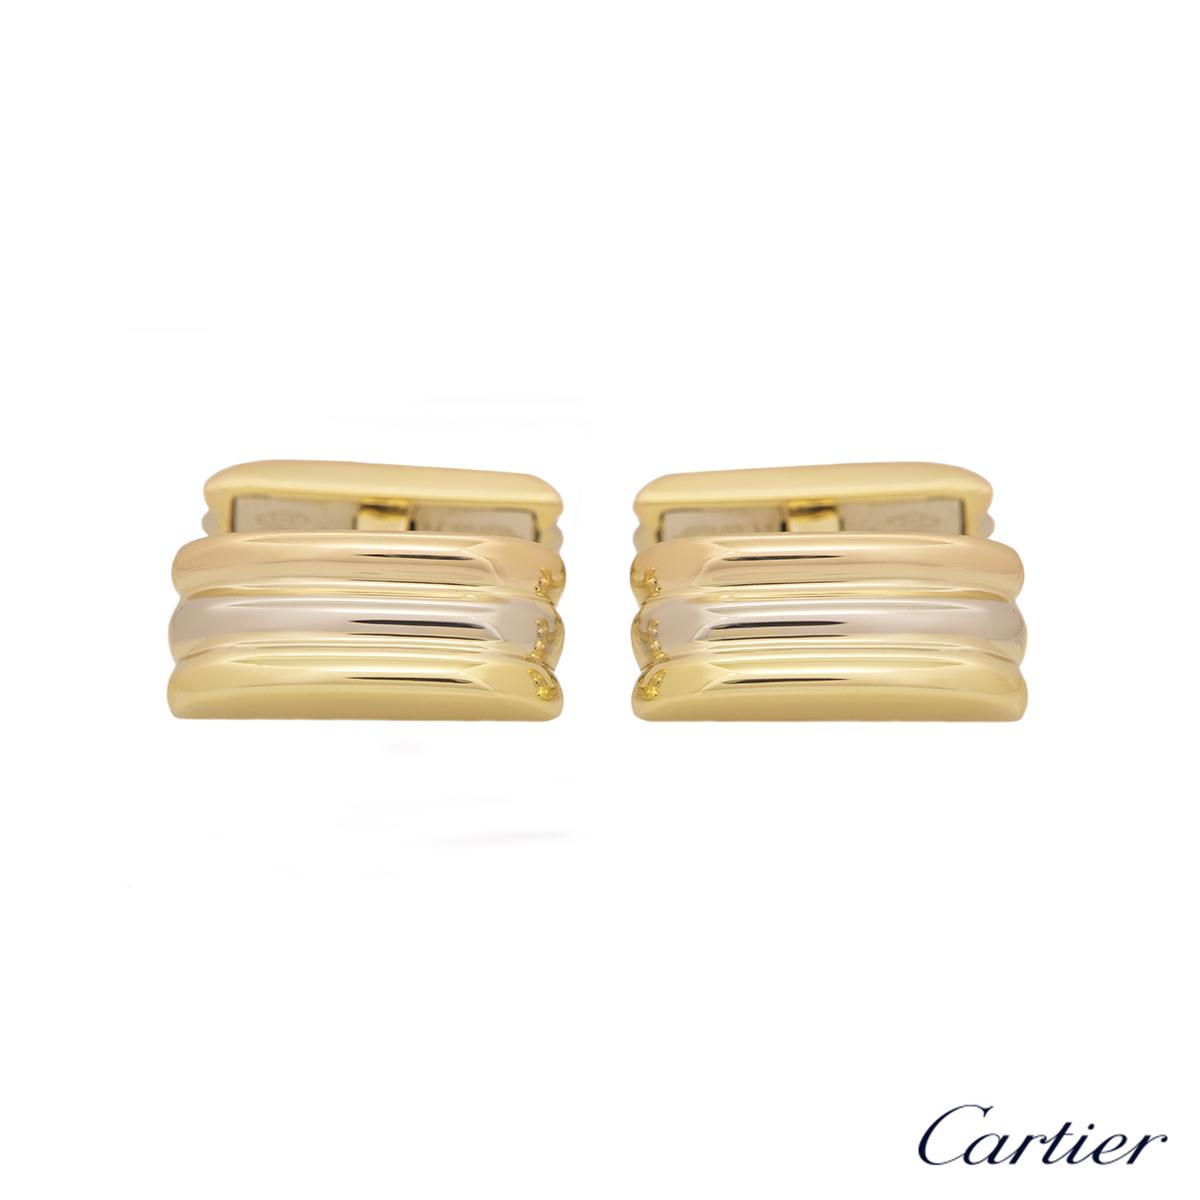 Cartier Tri-Colour Trinity De Cartier Cufflinks